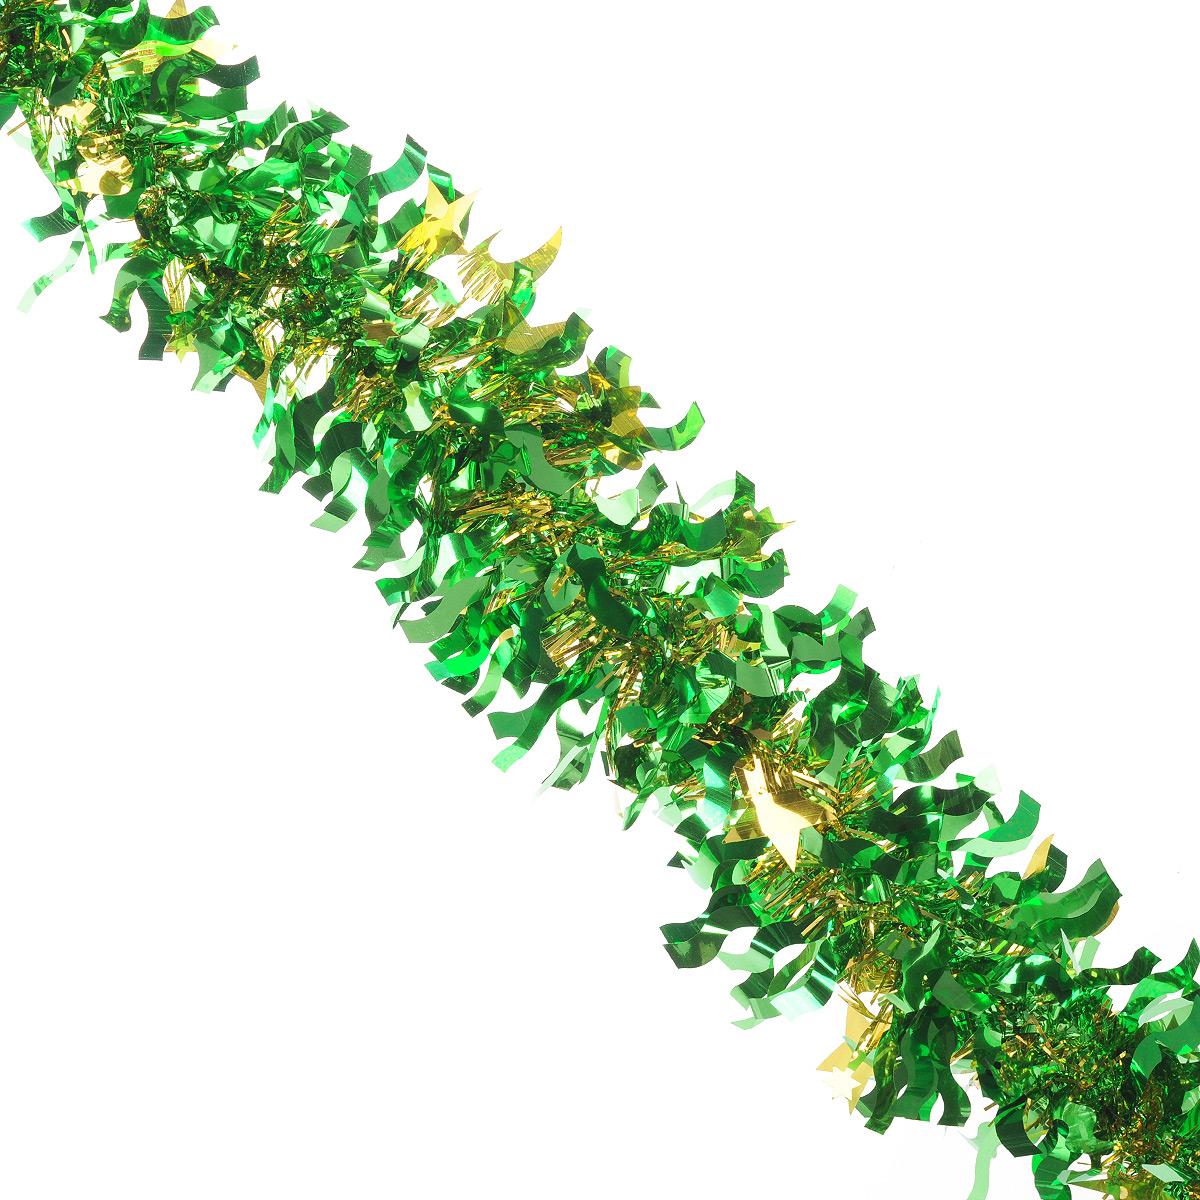 Мишура новогодняя Sima-land, цвет: золотистый, зеленый, диаметр 9 см, длина 2 м. 825979NLED-454-9W-BKНовогодняя мишура Sima-land, выполненная из фольги, поможет вам украсить свой дом к предстоящим праздникам. А новогодняя елка с таким украшением станет еще наряднее. Мишура армирована, то есть имеет проволоку внутри и способна сохранять приданную ей форму. Новогодней мишурой можно украсить все, что угодно - елку, квартиру, дачу, офис - как внутри, так и снаружи. Можно сложить новогодние поздравления, буквы и цифры, мишурой можно украсить и дополнить гирлянды, можно выделить дверные колонны, оплести дверные проемы. Коллекция декоративных украшений из серии Зимнее волшебство принесет в ваш дом ни с чем несравнимое ощущение праздника! Создайте в своем доме атмосферу тепла, веселья и радости, украшая его всей семьей.